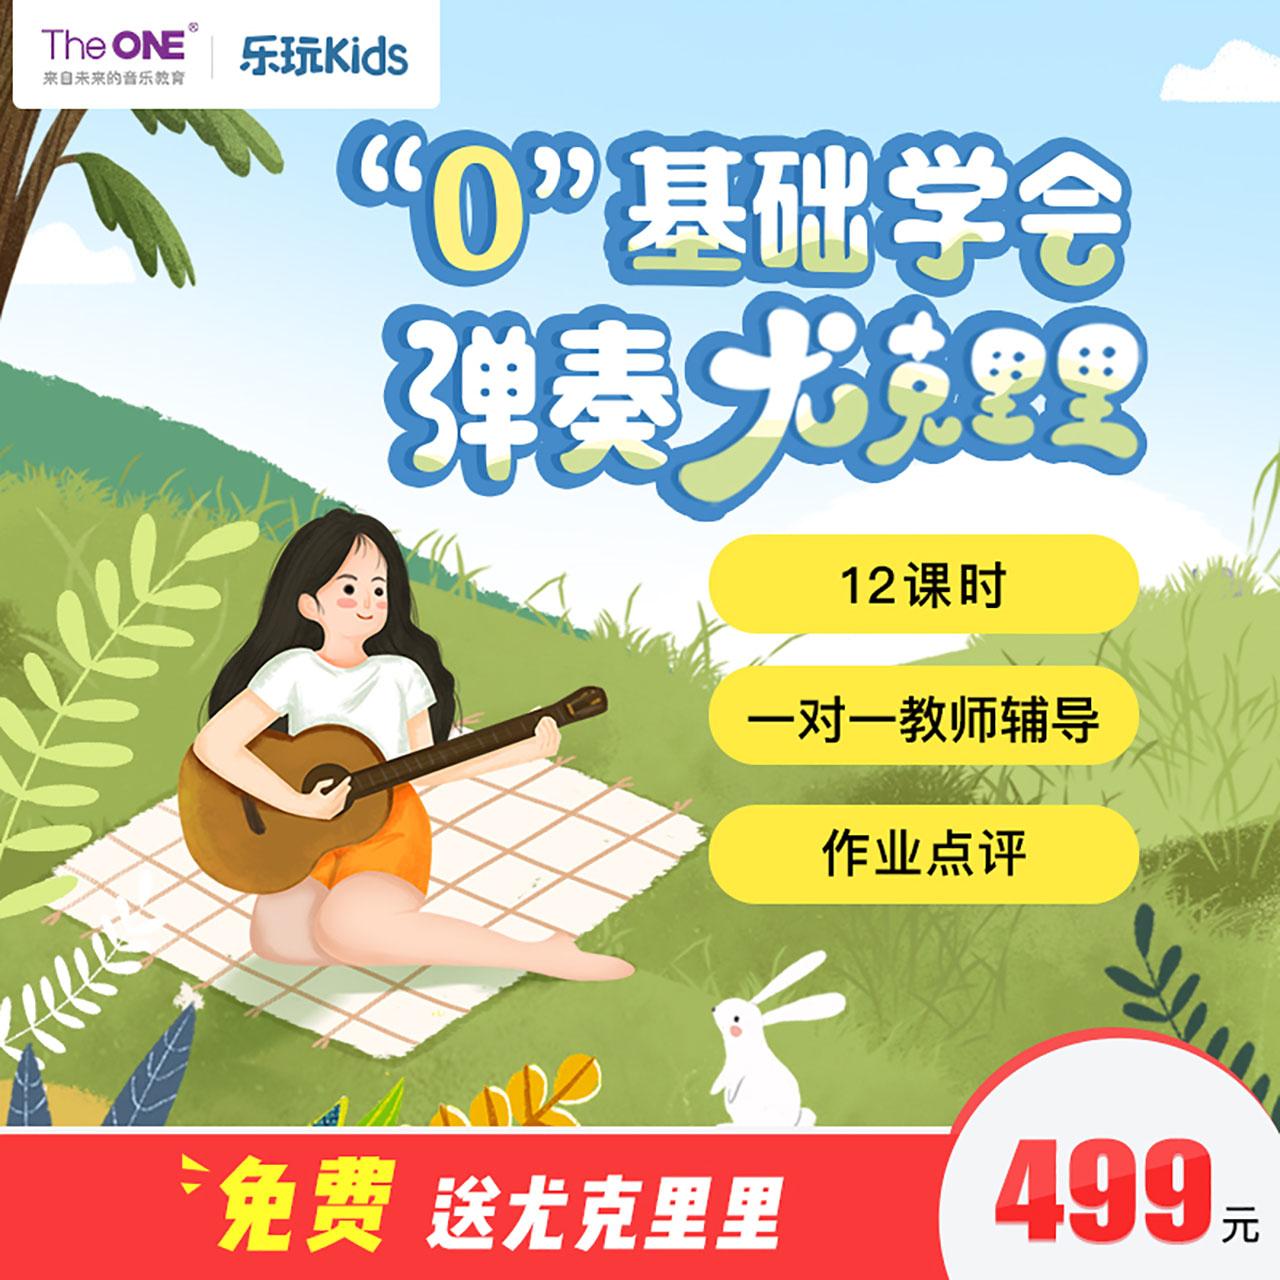 Купить Музыкальные инструменты на прокат в Китае, в интернет магазине таобао на русском языке